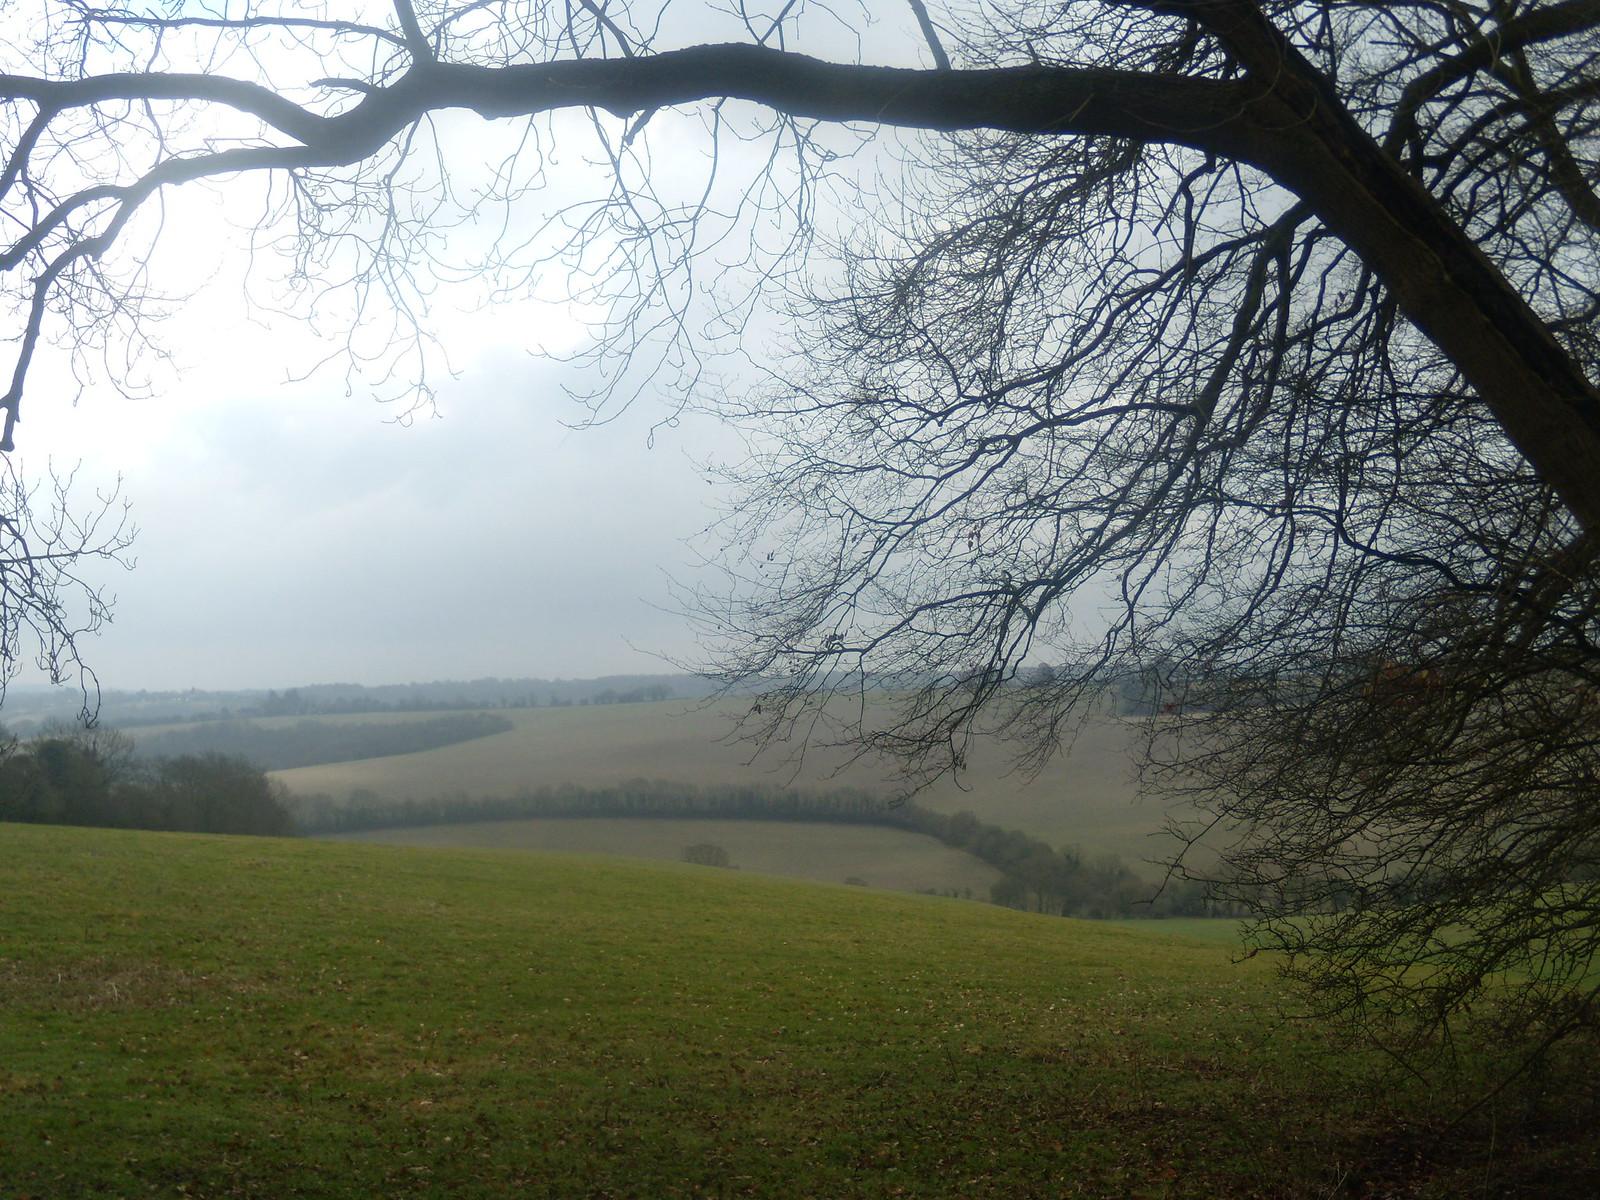 View DSCN9139 Saunderton Circular via Bledlow